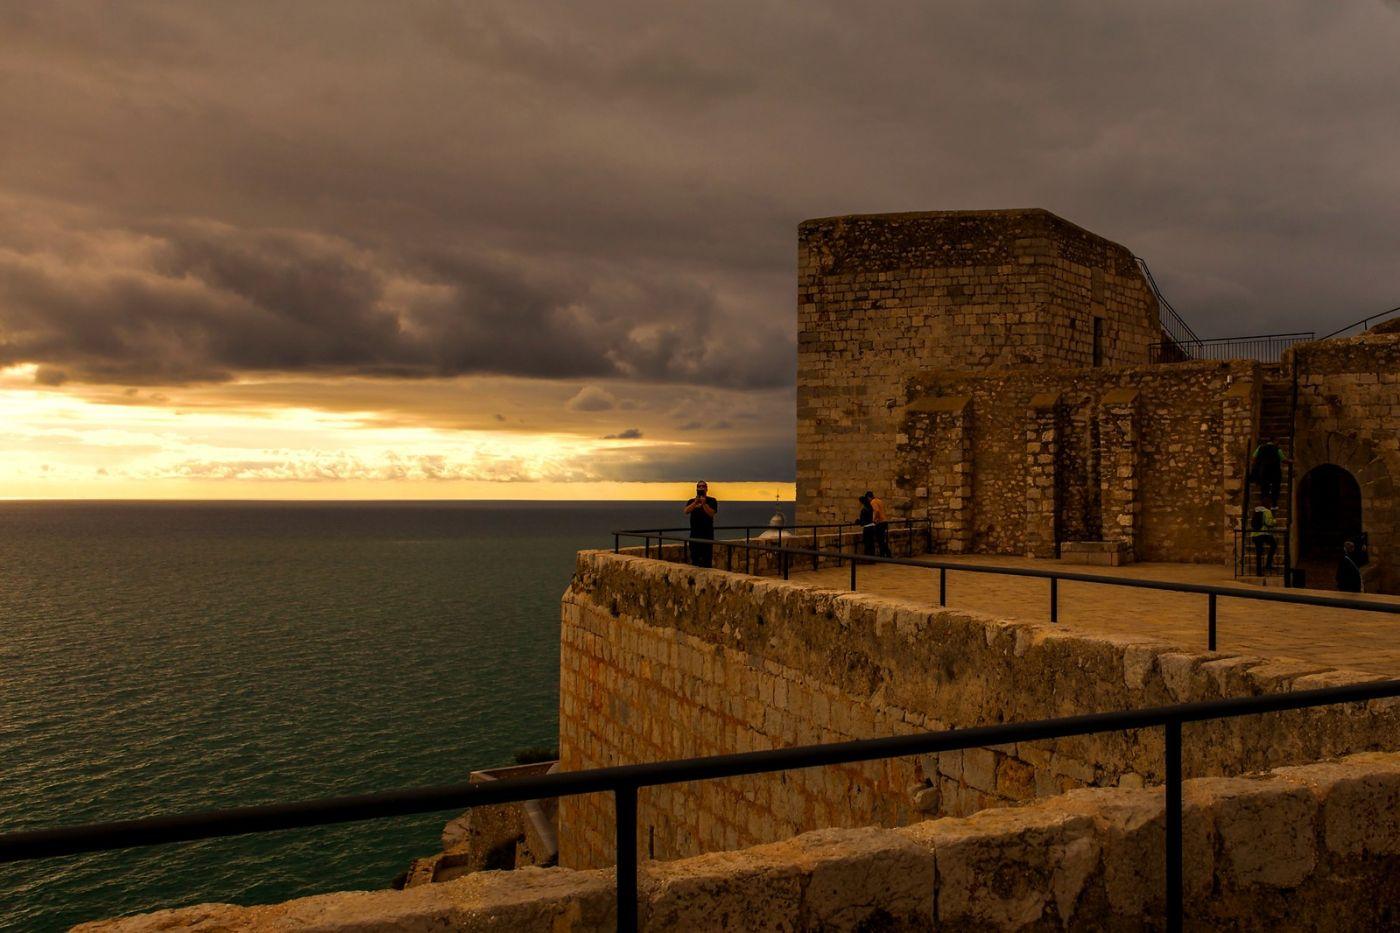 西班牙佩尼伊斯科拉(Peniscola),海边的景色令人神往_图1-2